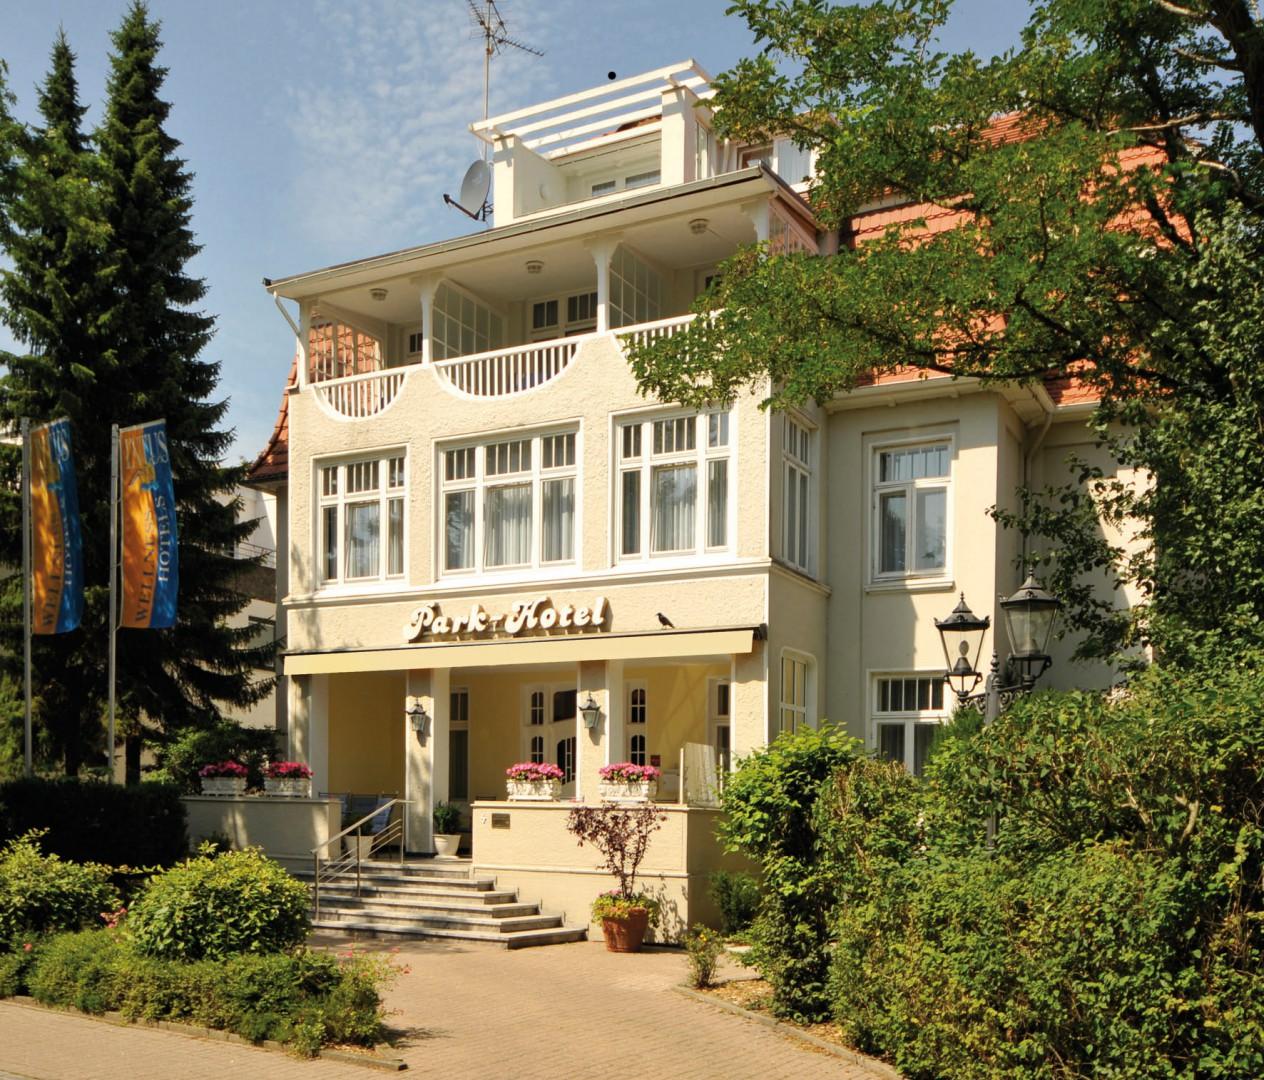 Immobilien Zum Kauf In Fußbach Gengenbach: Schnappchen Haus